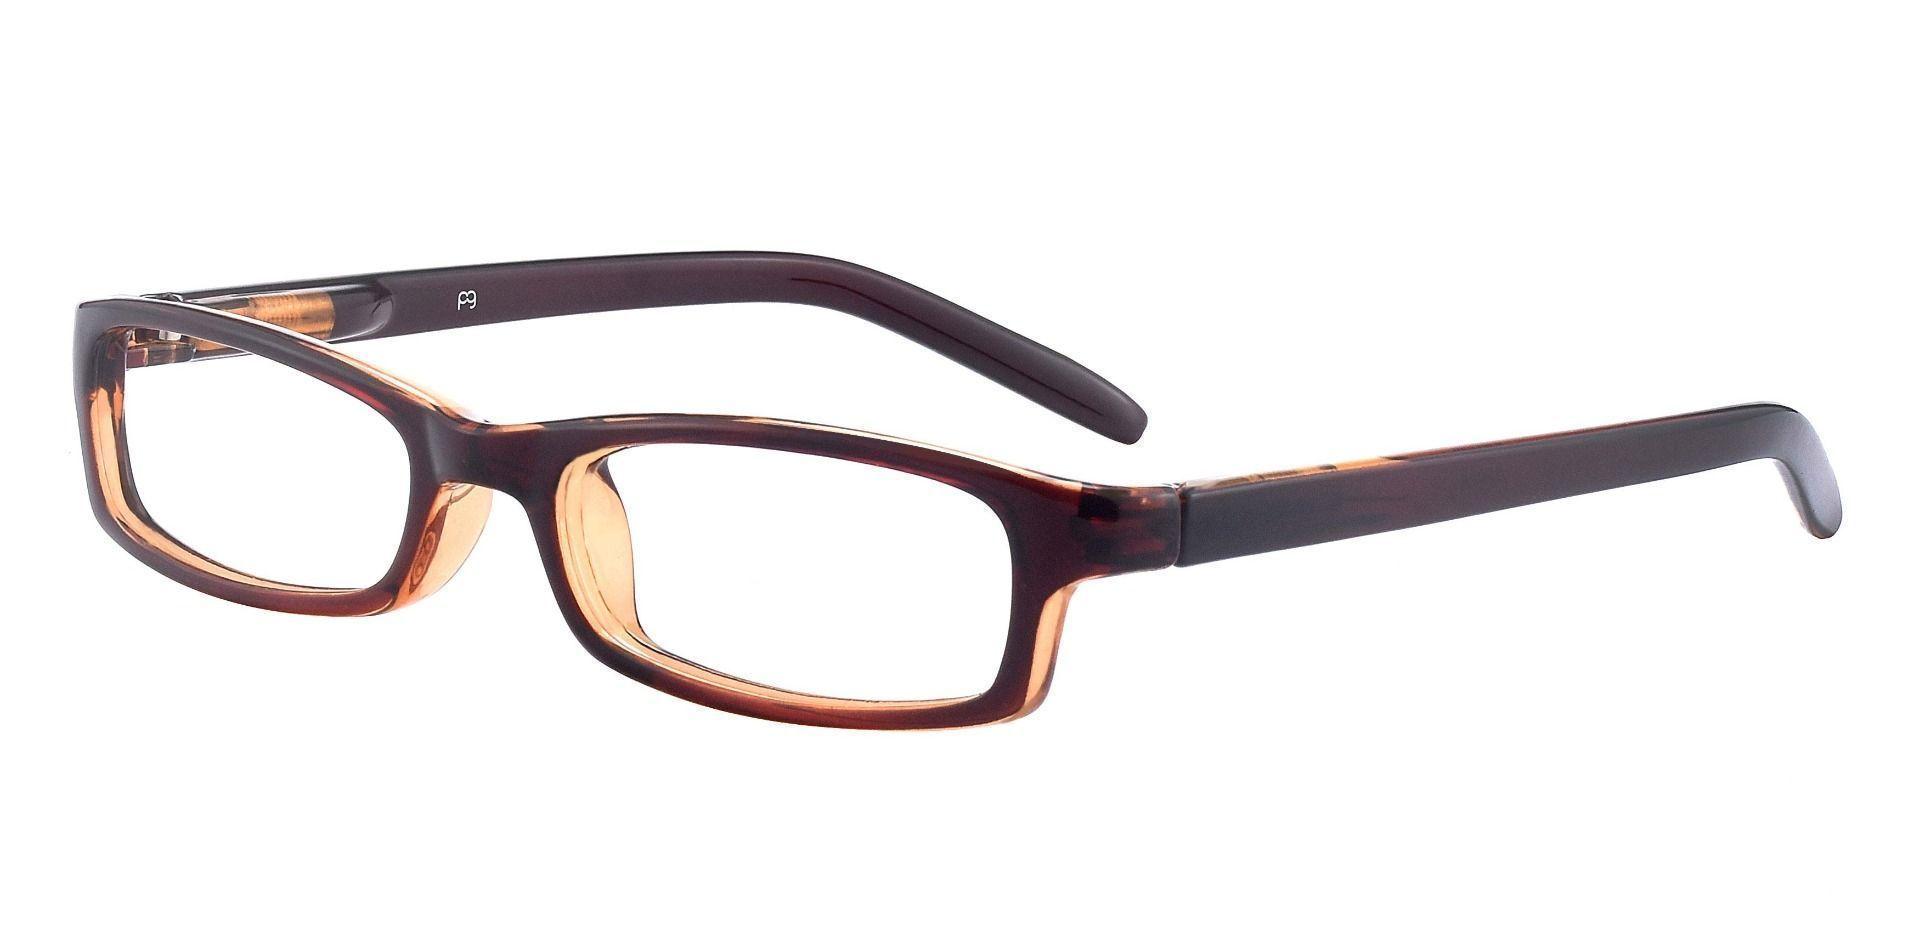 Palmer Rectangle Non-Rx Glasses - Brown